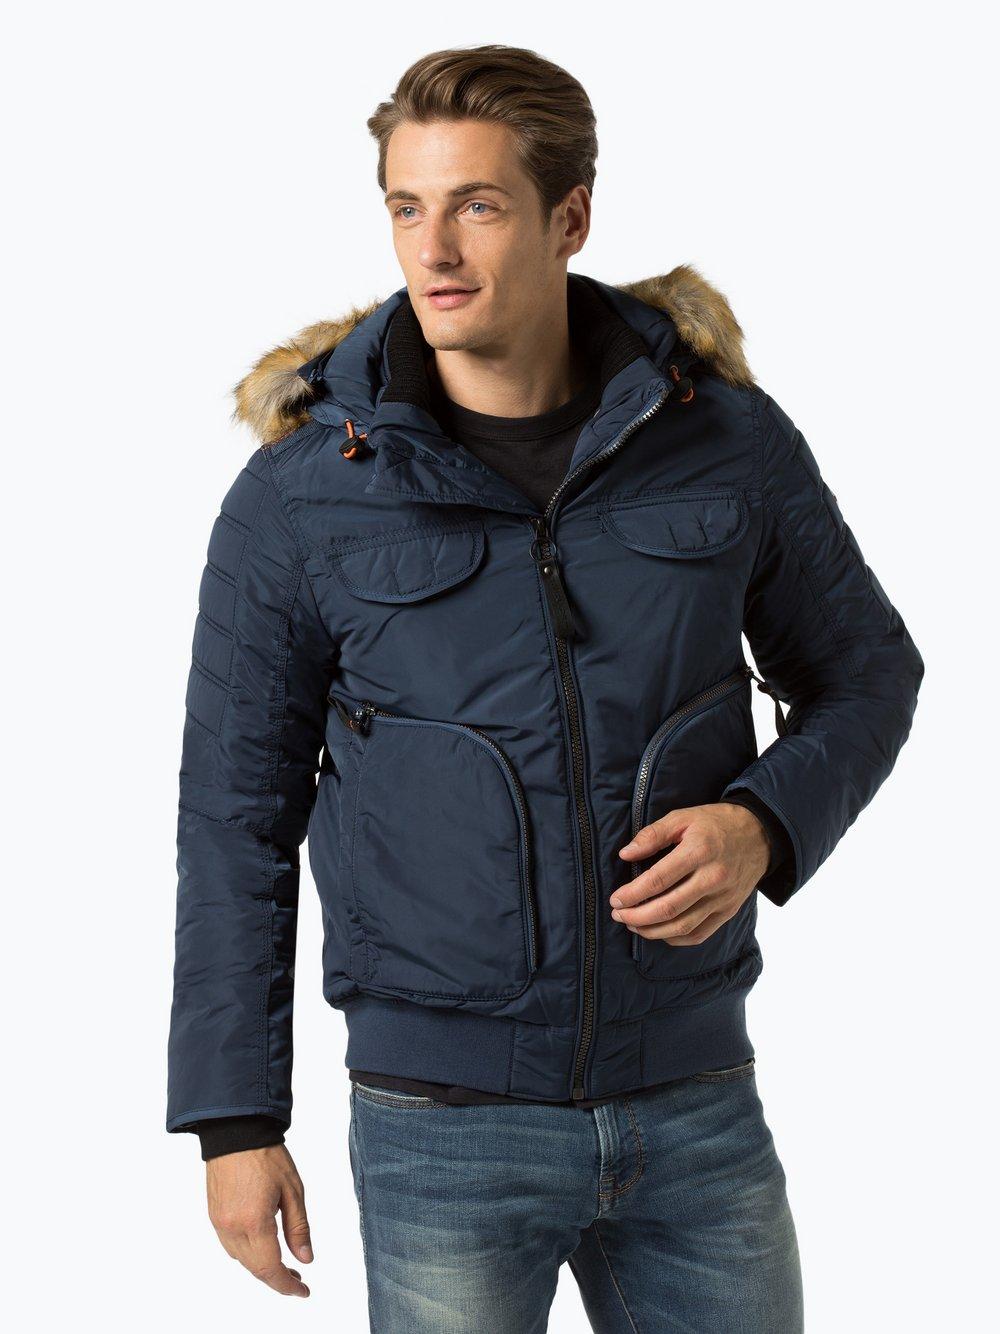 ffab9d90c5f9 Tom Tailor Herren Jacke  2  online kaufen   PEEK-UND-CLOPPENBURG.DE